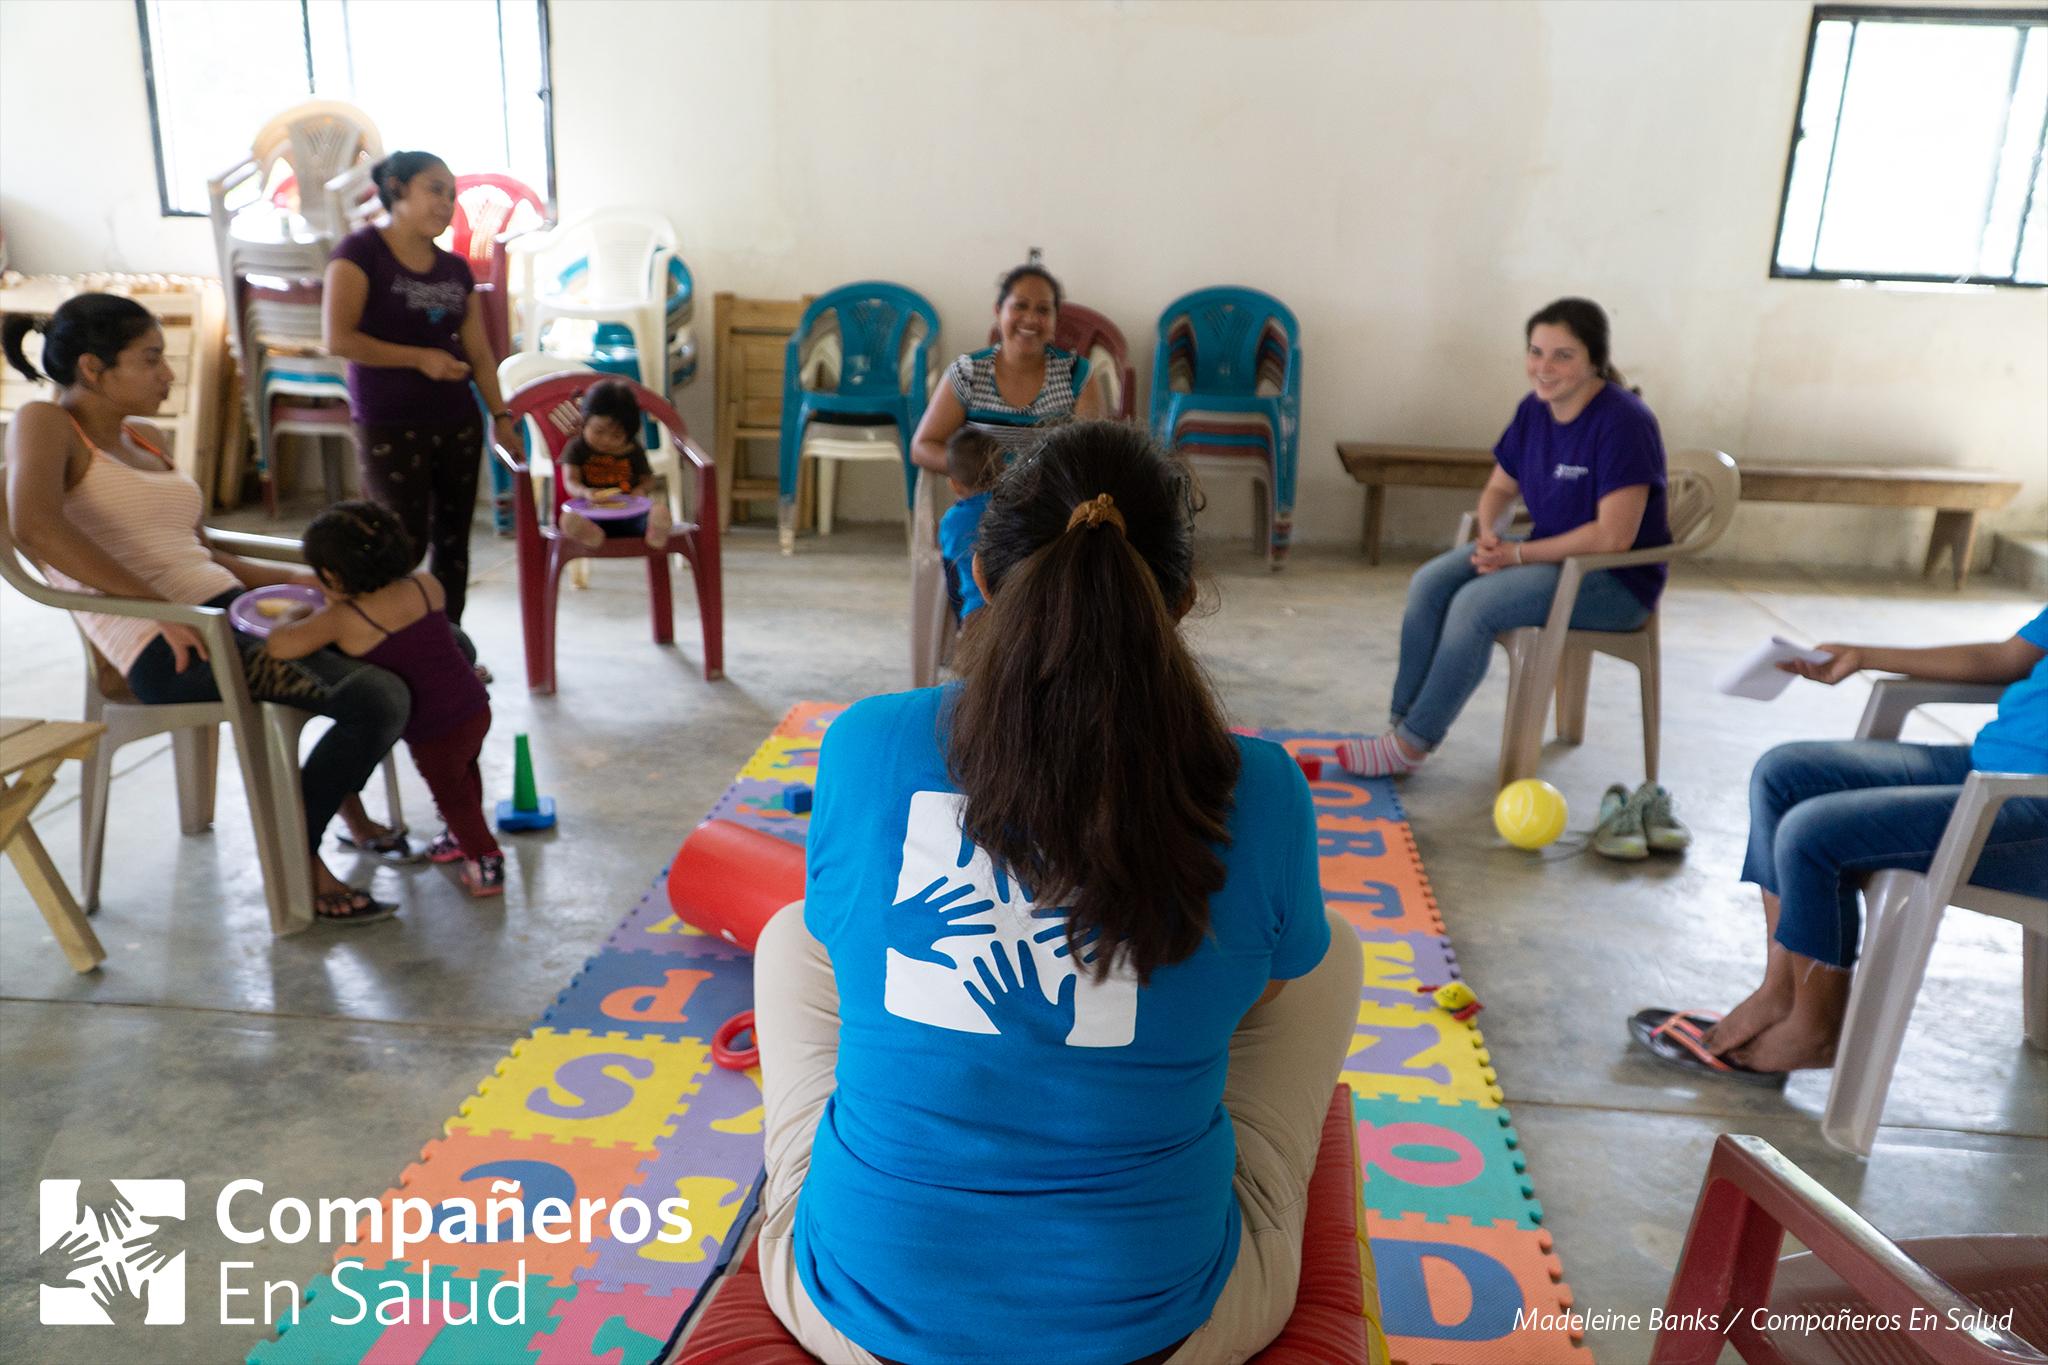 La Dra. Ariwame Reynoso da la introducción al programa de salud infantil para un grupo de mamás en la comunidad de Salvador Urbina.